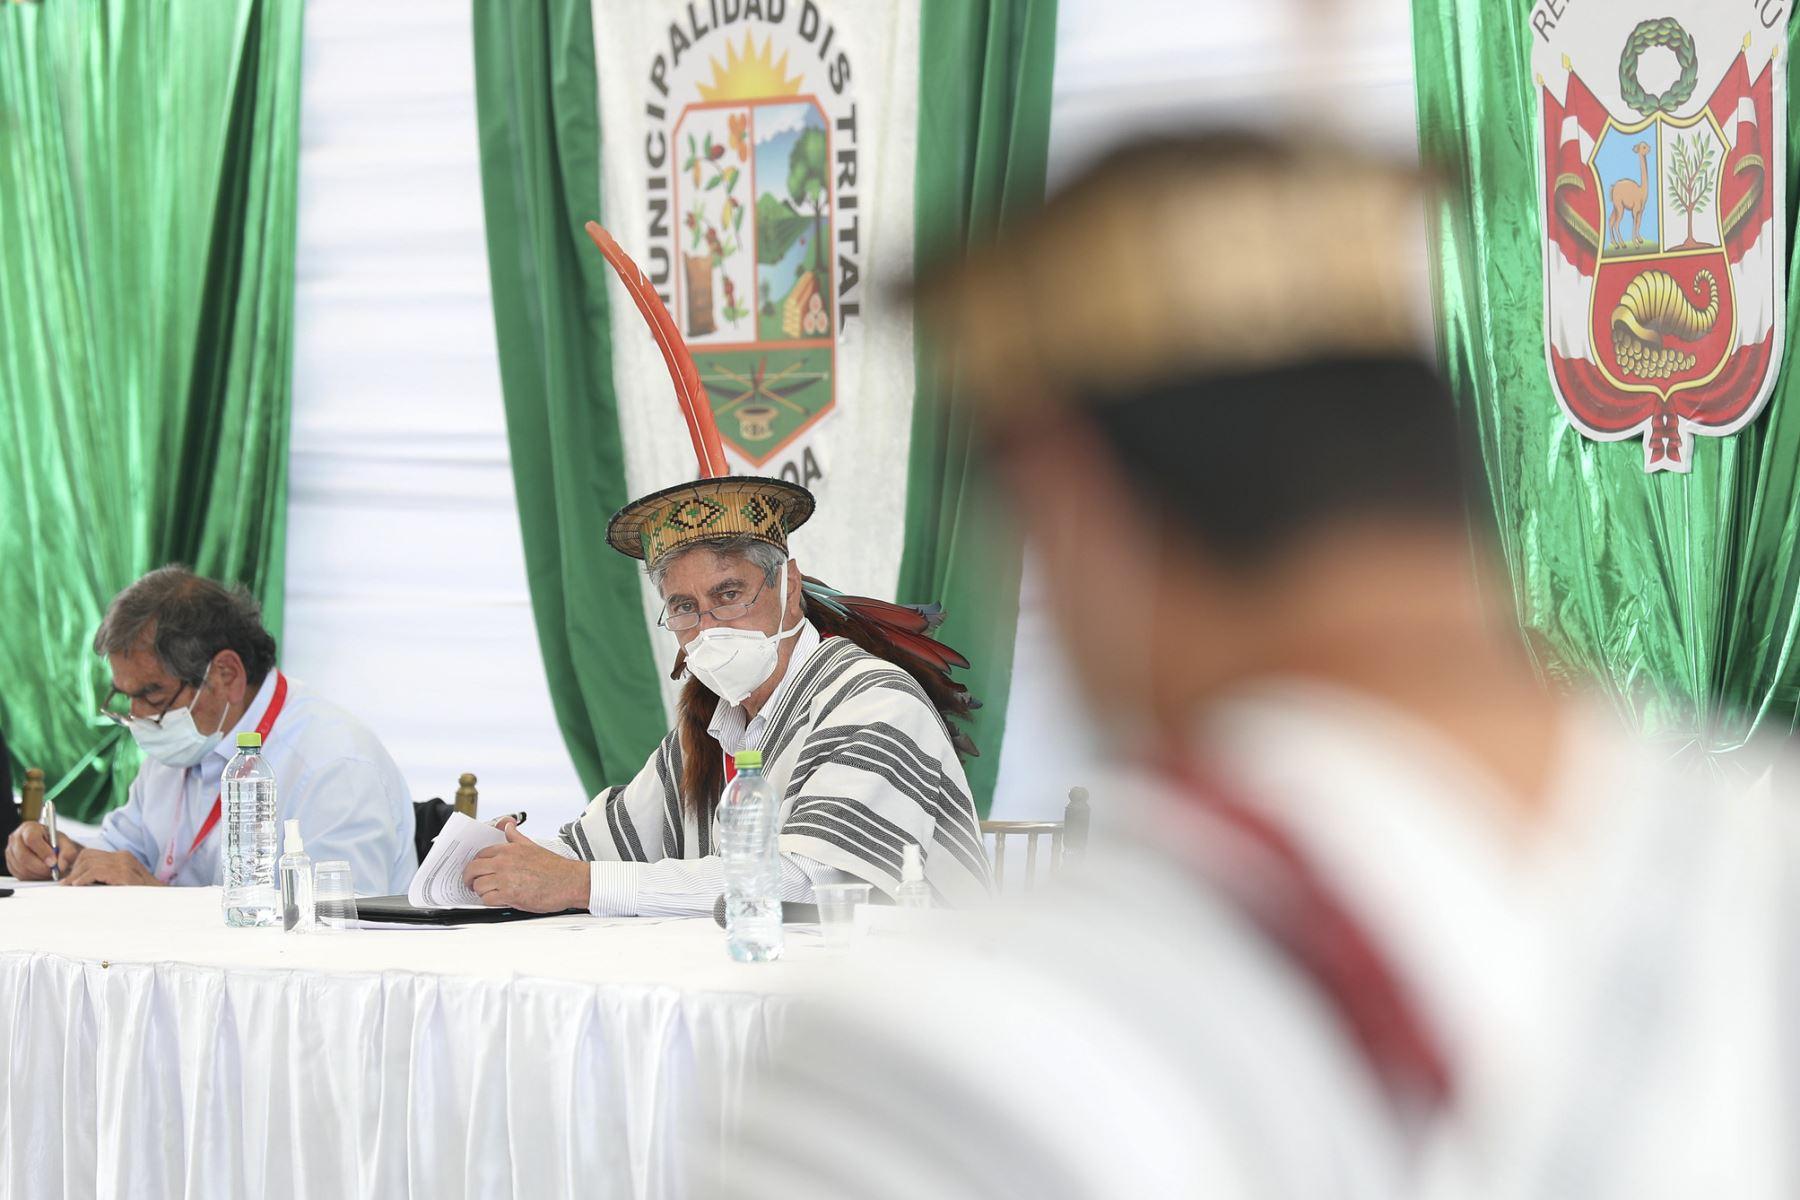 El presidente Francisco Sagasti visita la región Junín, y acompañado por seis ministros de Estado, lidera el diálogo entre el Ejecutivo y las organizaciones indígenas de la selva central. Foto: Foto: ANDINA/Prensa Presidencia